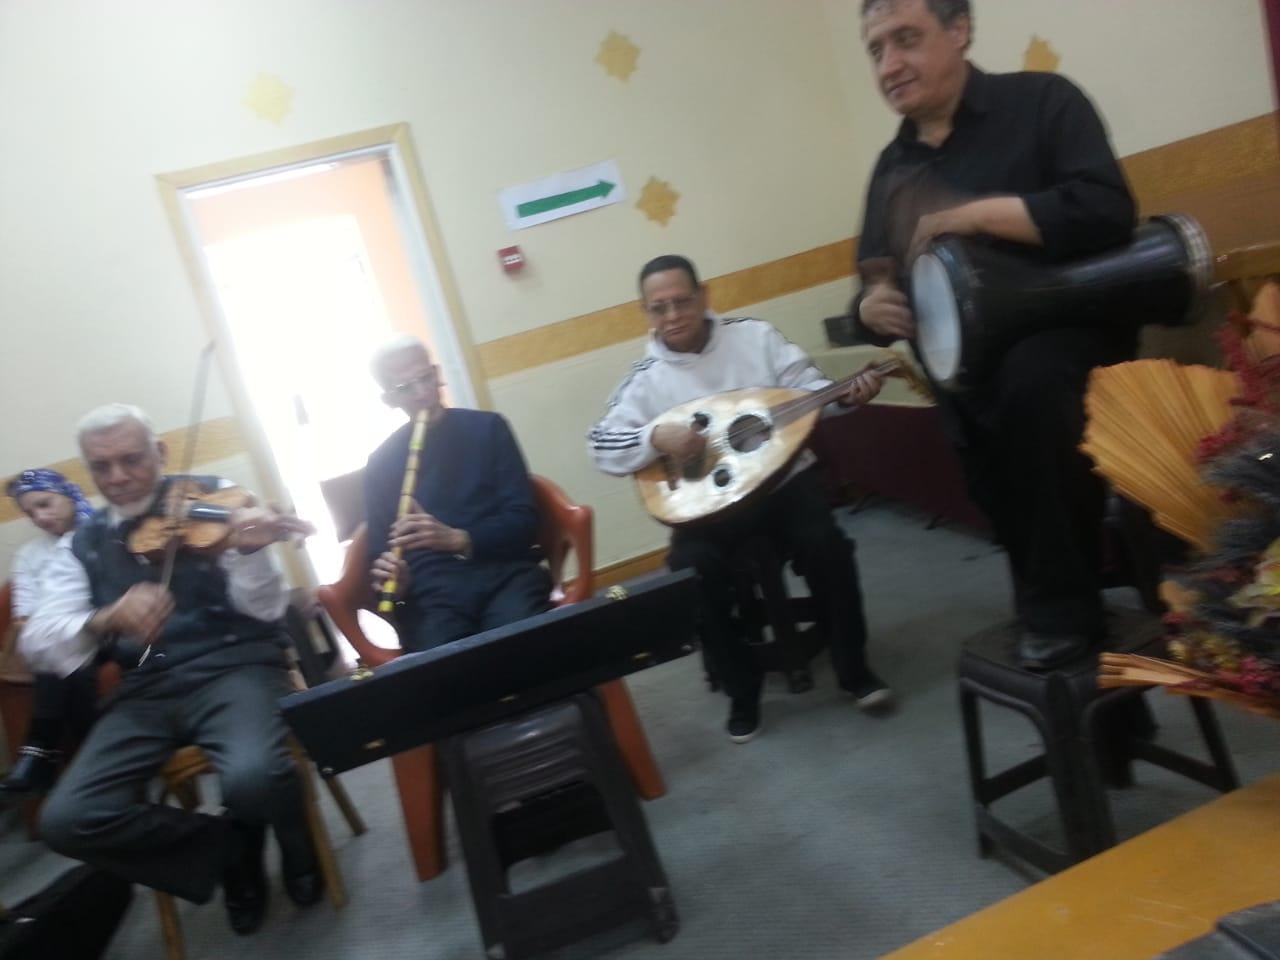 الاحتفال بذكري تحرير سيناء بقصور الثقافة (10)